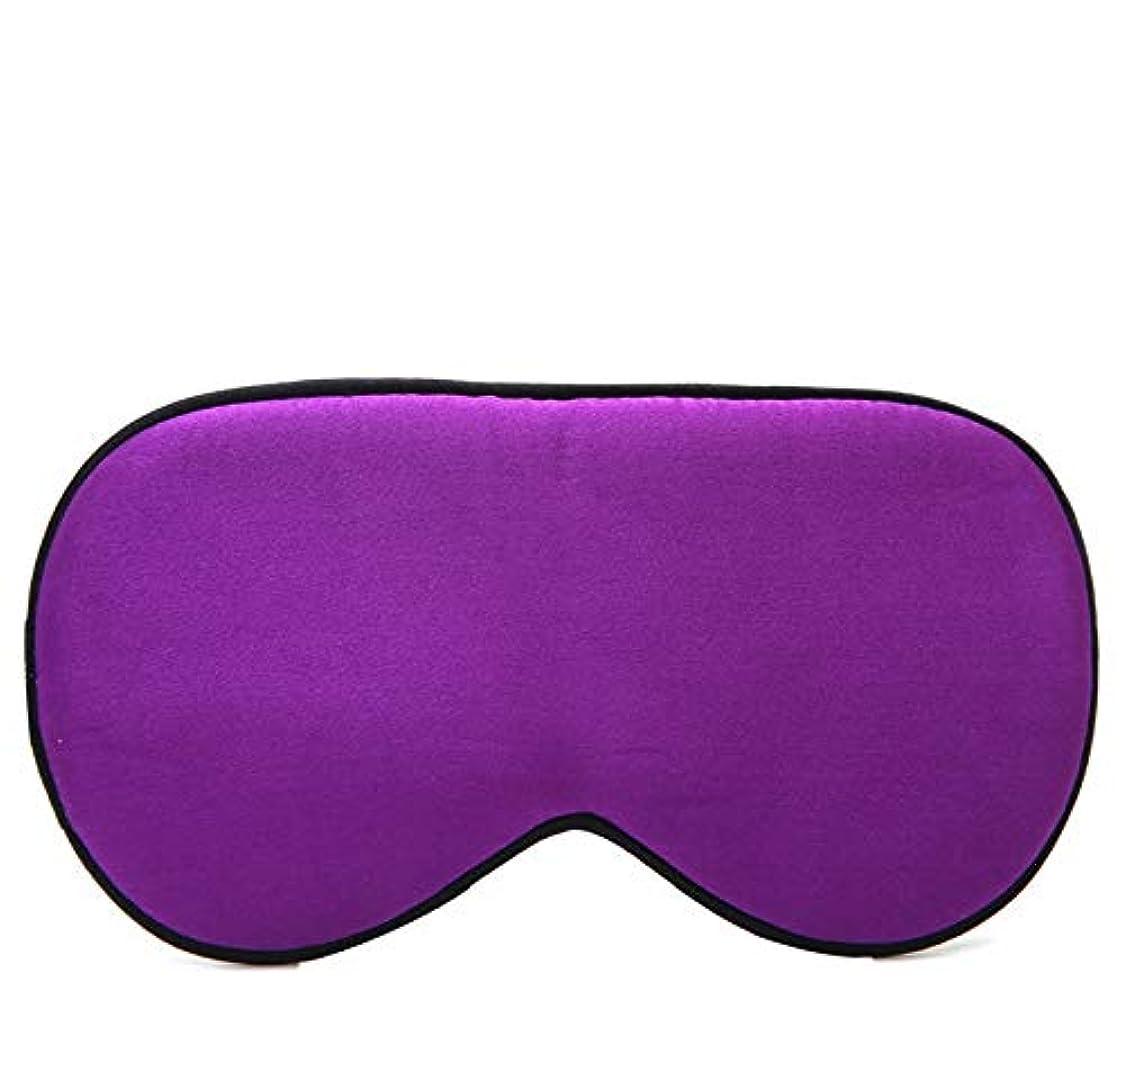 拳アイデア受け入れNOTE 3dソフト通気性ファブリックアイシェード睡眠アイマスクポータブル旅行睡眠休息補助アイマスクカバーアイパッチ睡眠マスク